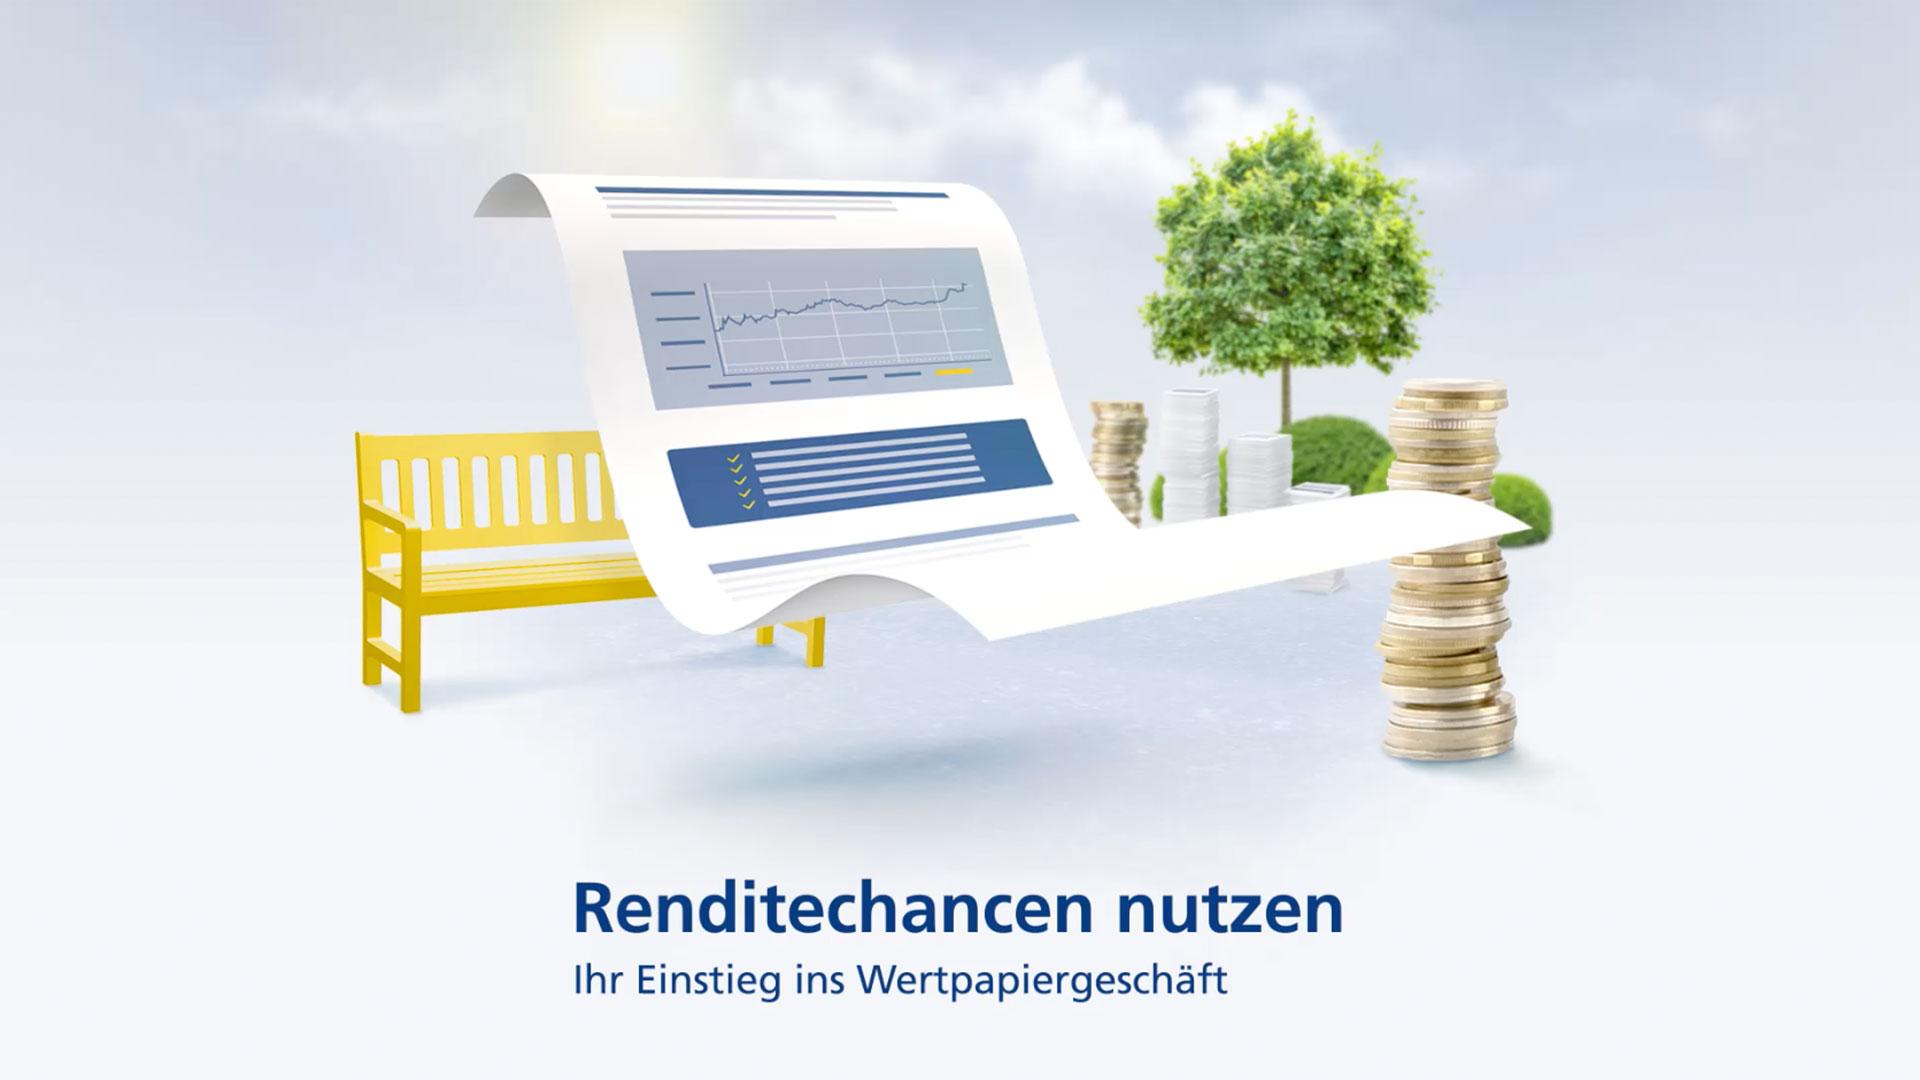 postbank-themenwelten-investmentfonds-video-1920x1080.jpg